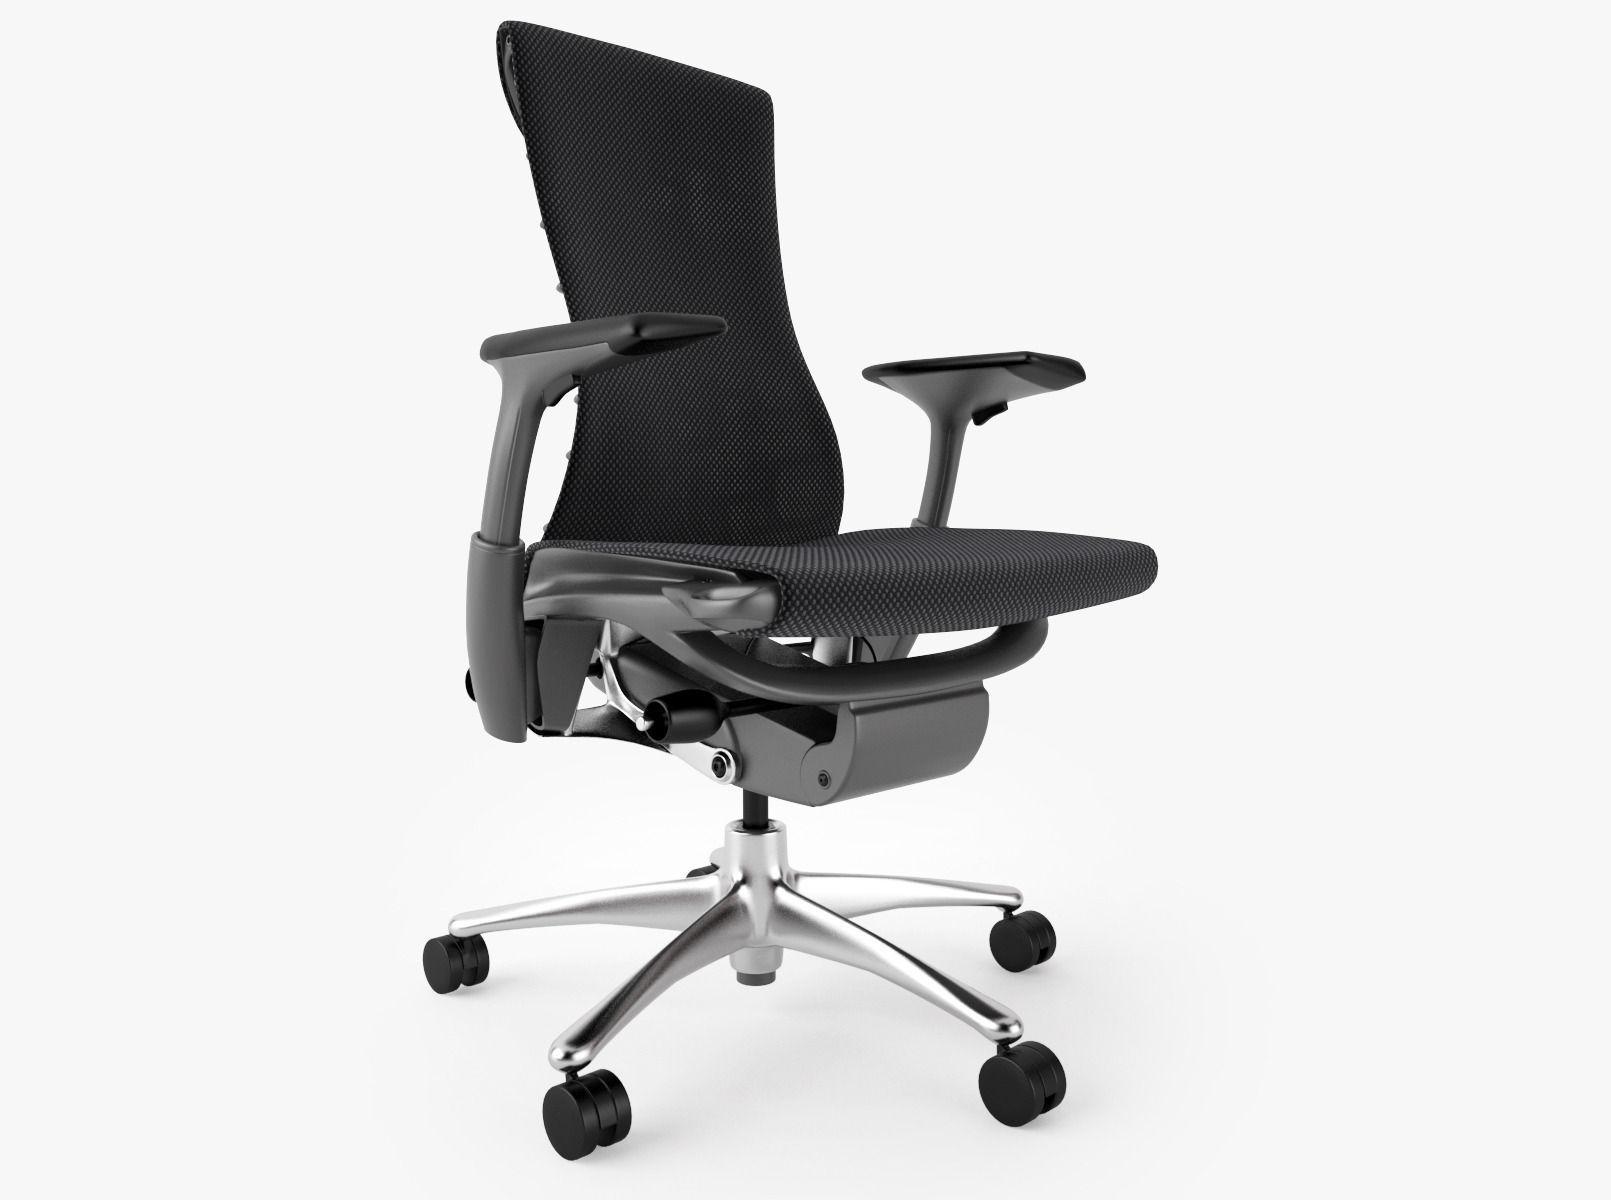 herman miller office chair. 3D Model Herman Miller Embody Office Chair I